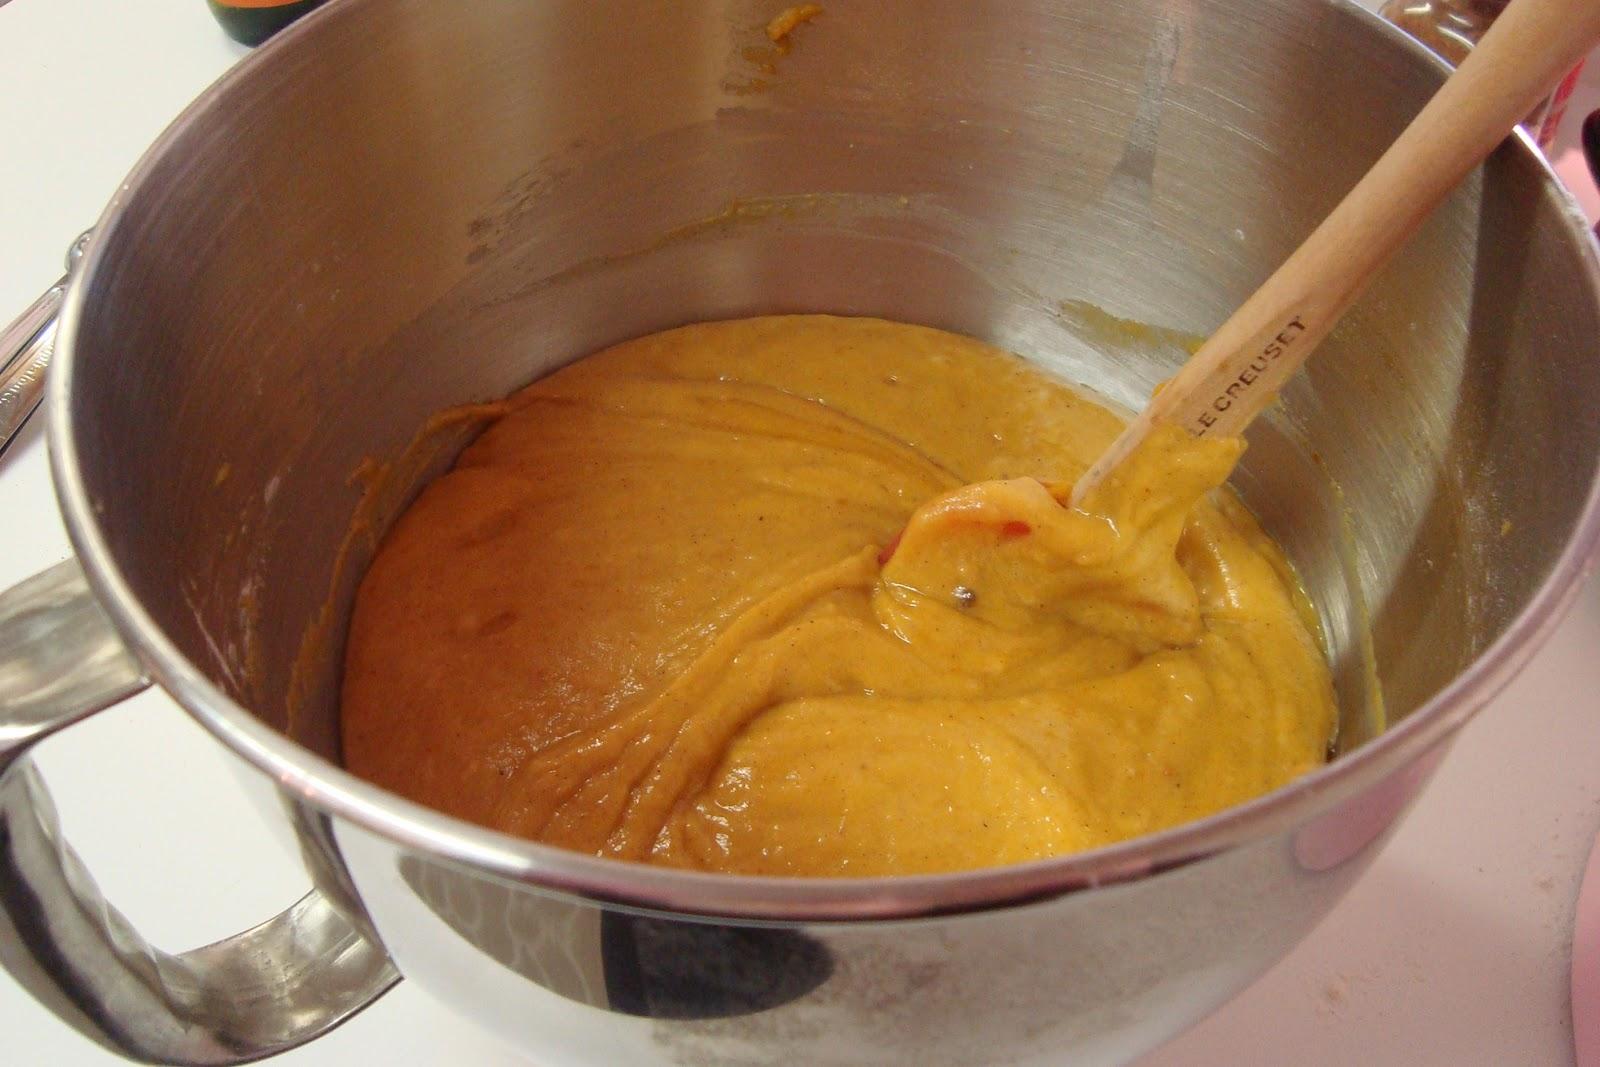 http://3.bp.blogspot.com/_-ueN7Wf2brI/TOnLVGCPAJI/AAAAAAAAAmw/PgNGRkRlkD4/s1600/pumpkin+cupcake+batter.JPG